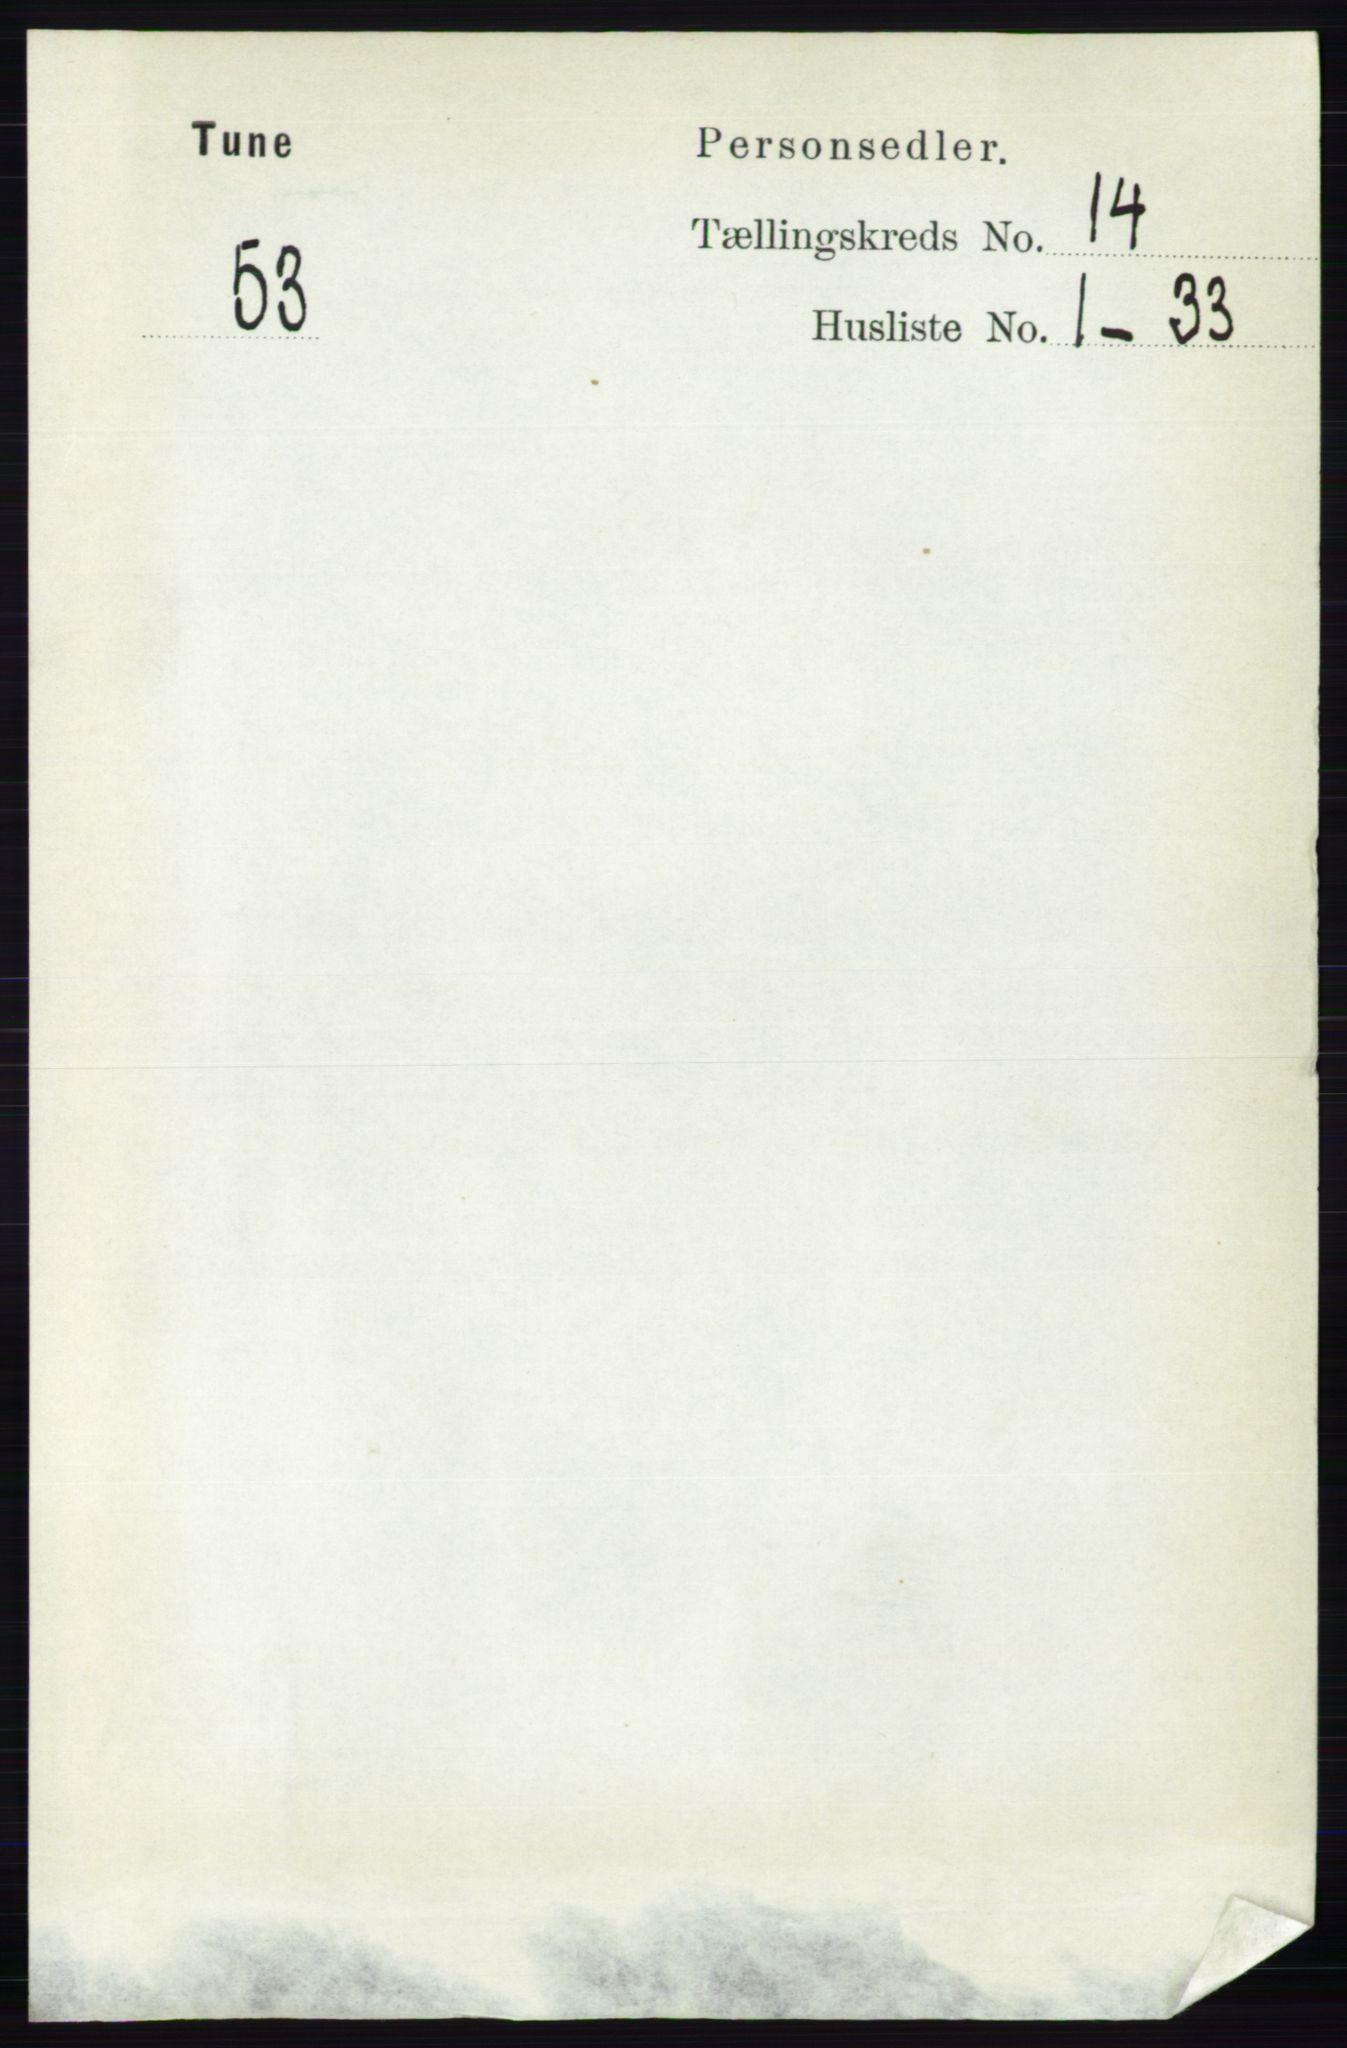 RA, Folketelling 1891 for 0130 Tune herred, 1891, s. 7923